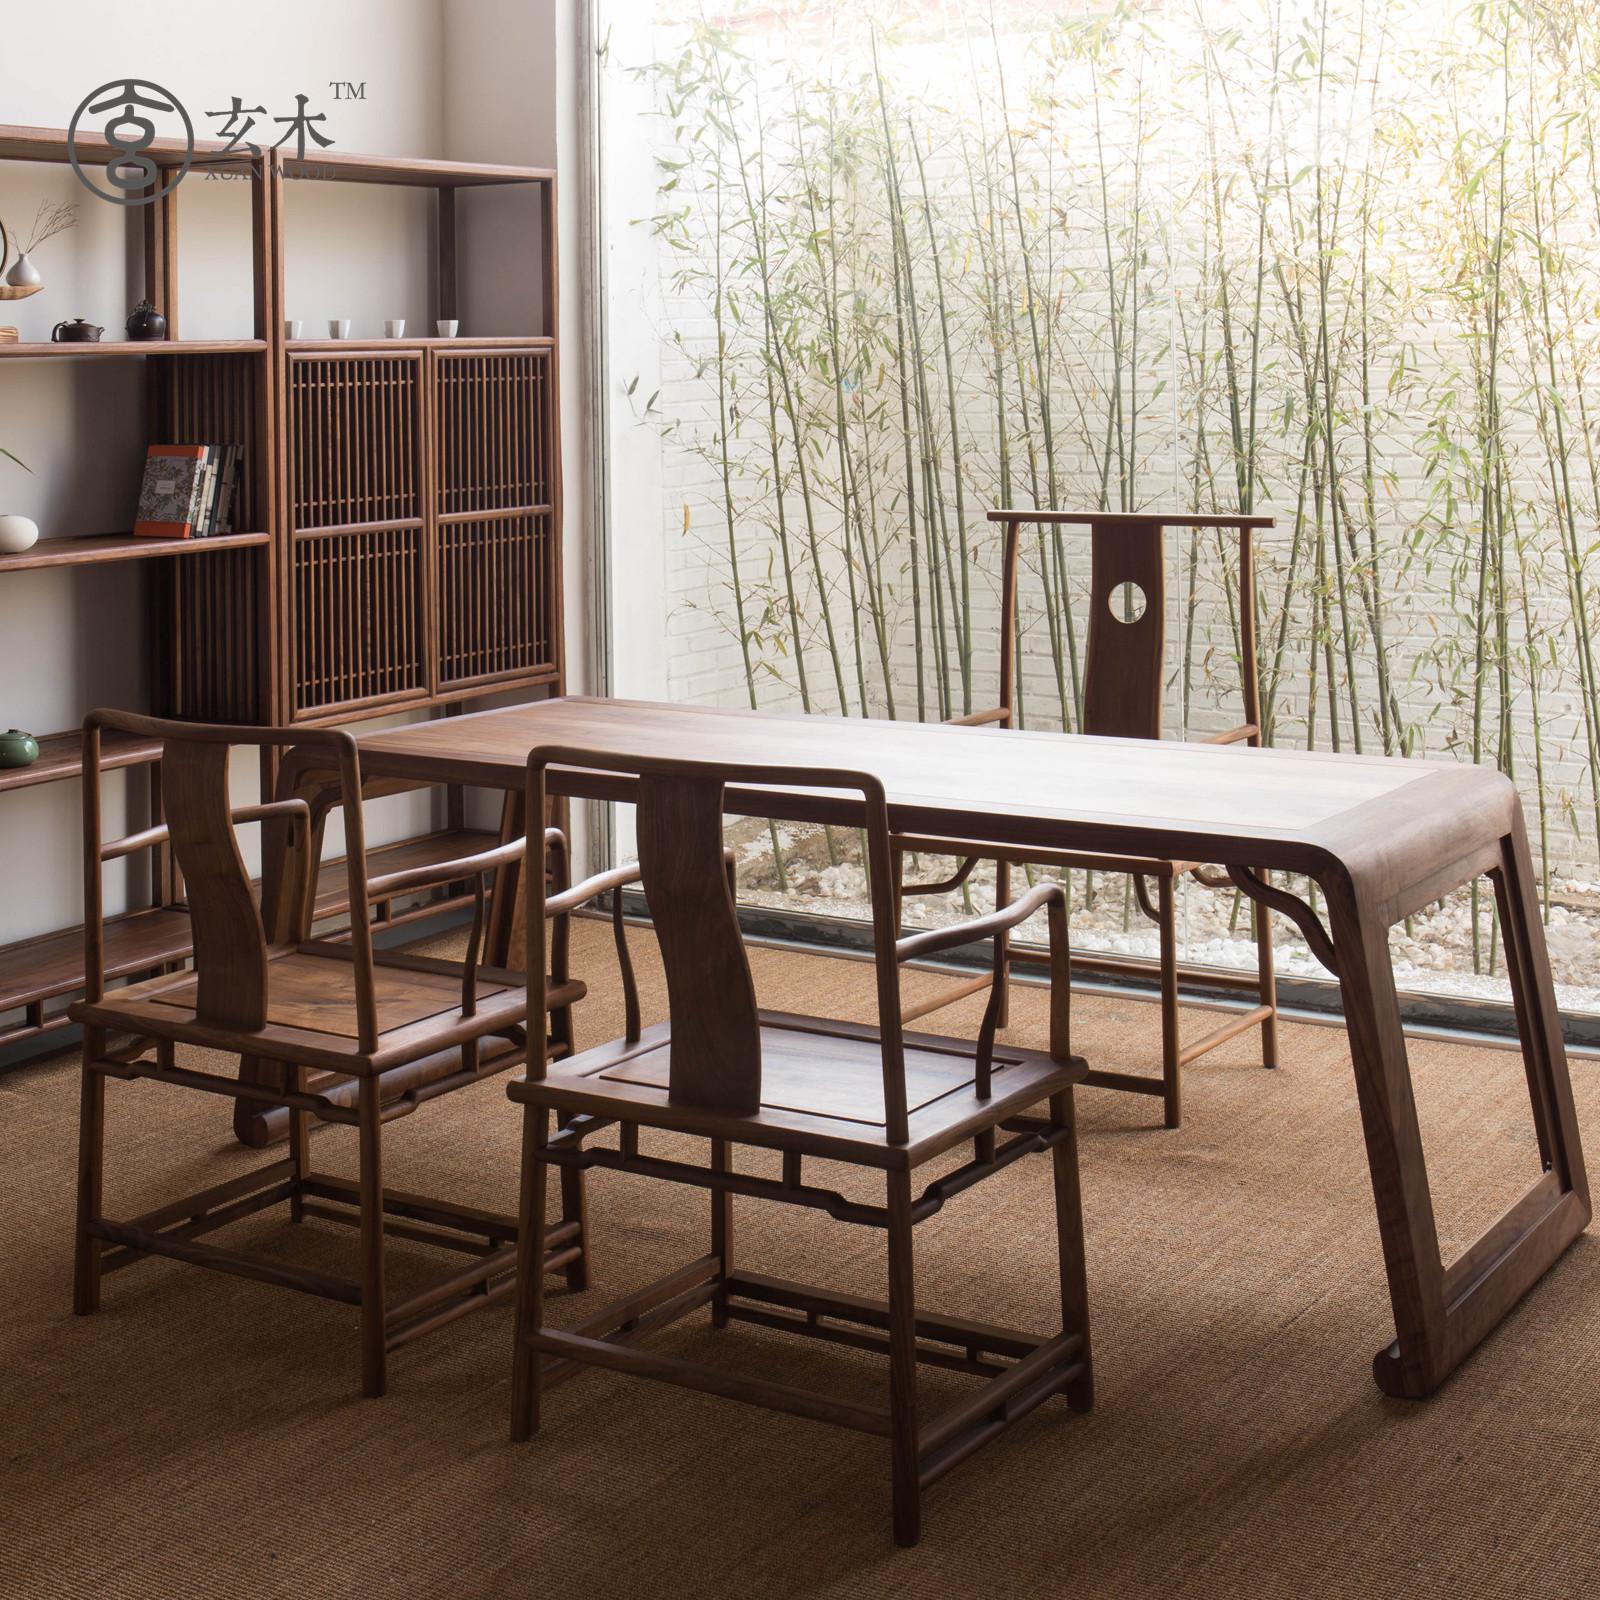 Nội Thất Phòng Ăn : bàn ăn và ghế kết hợp Bàn trà Bằng Gỗ Hiệu LSDN